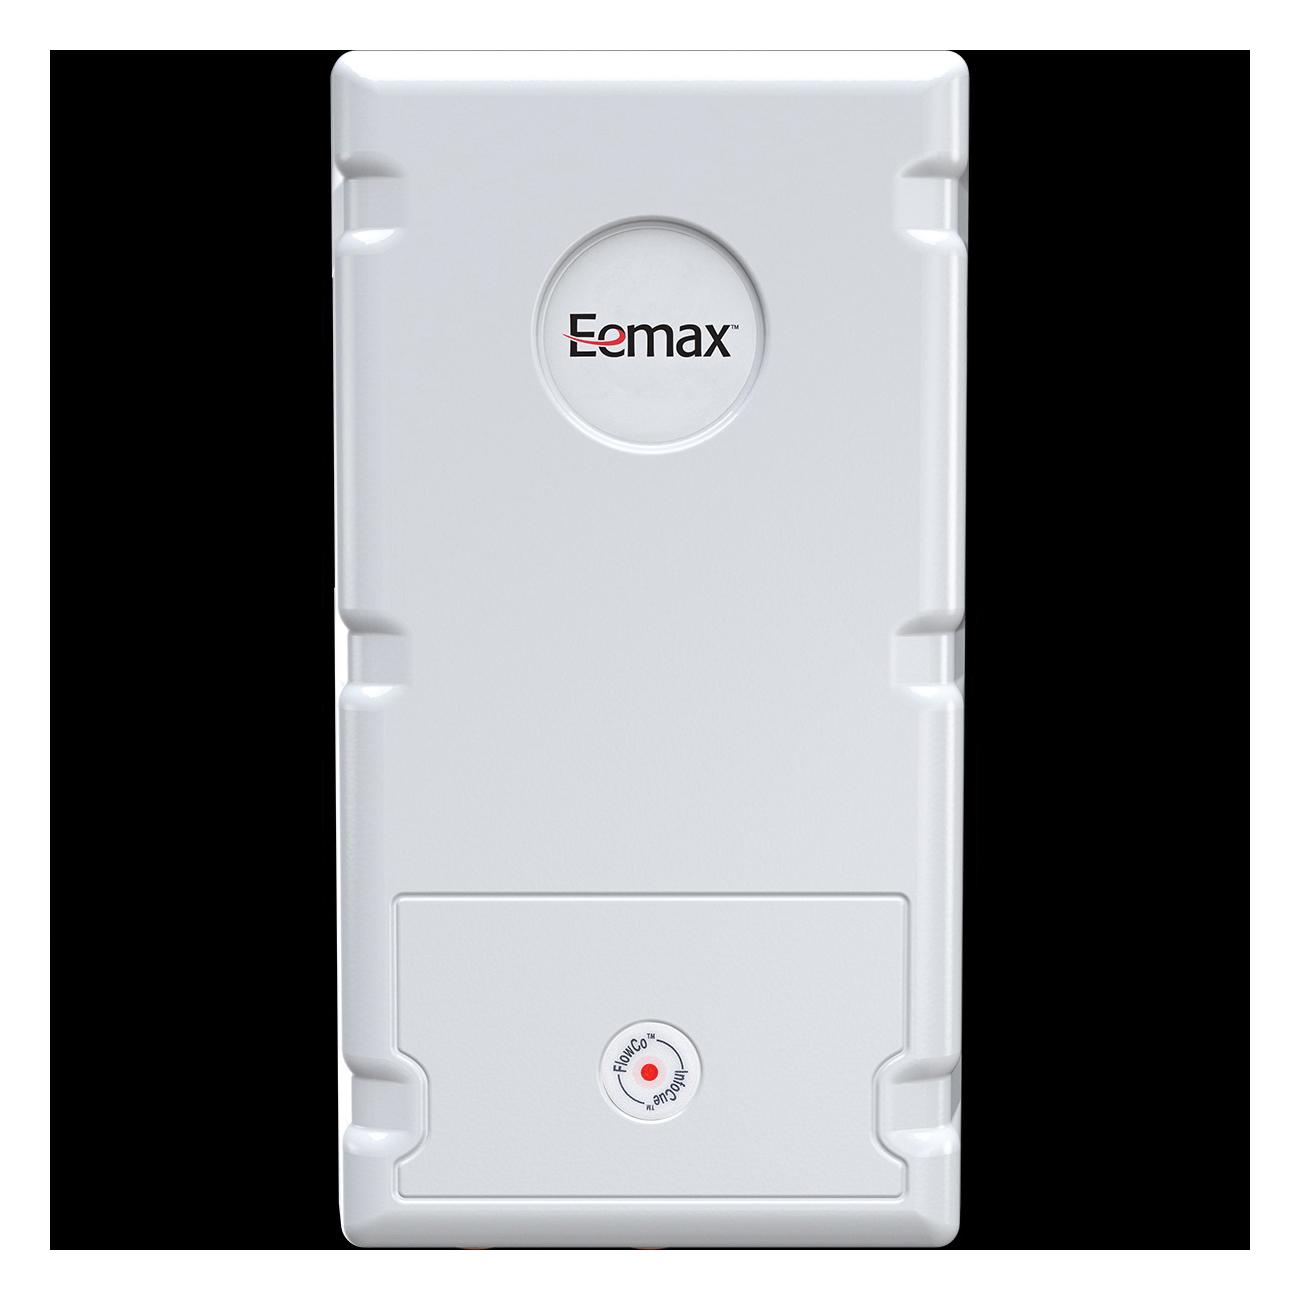 Eemax™ SPEX3512